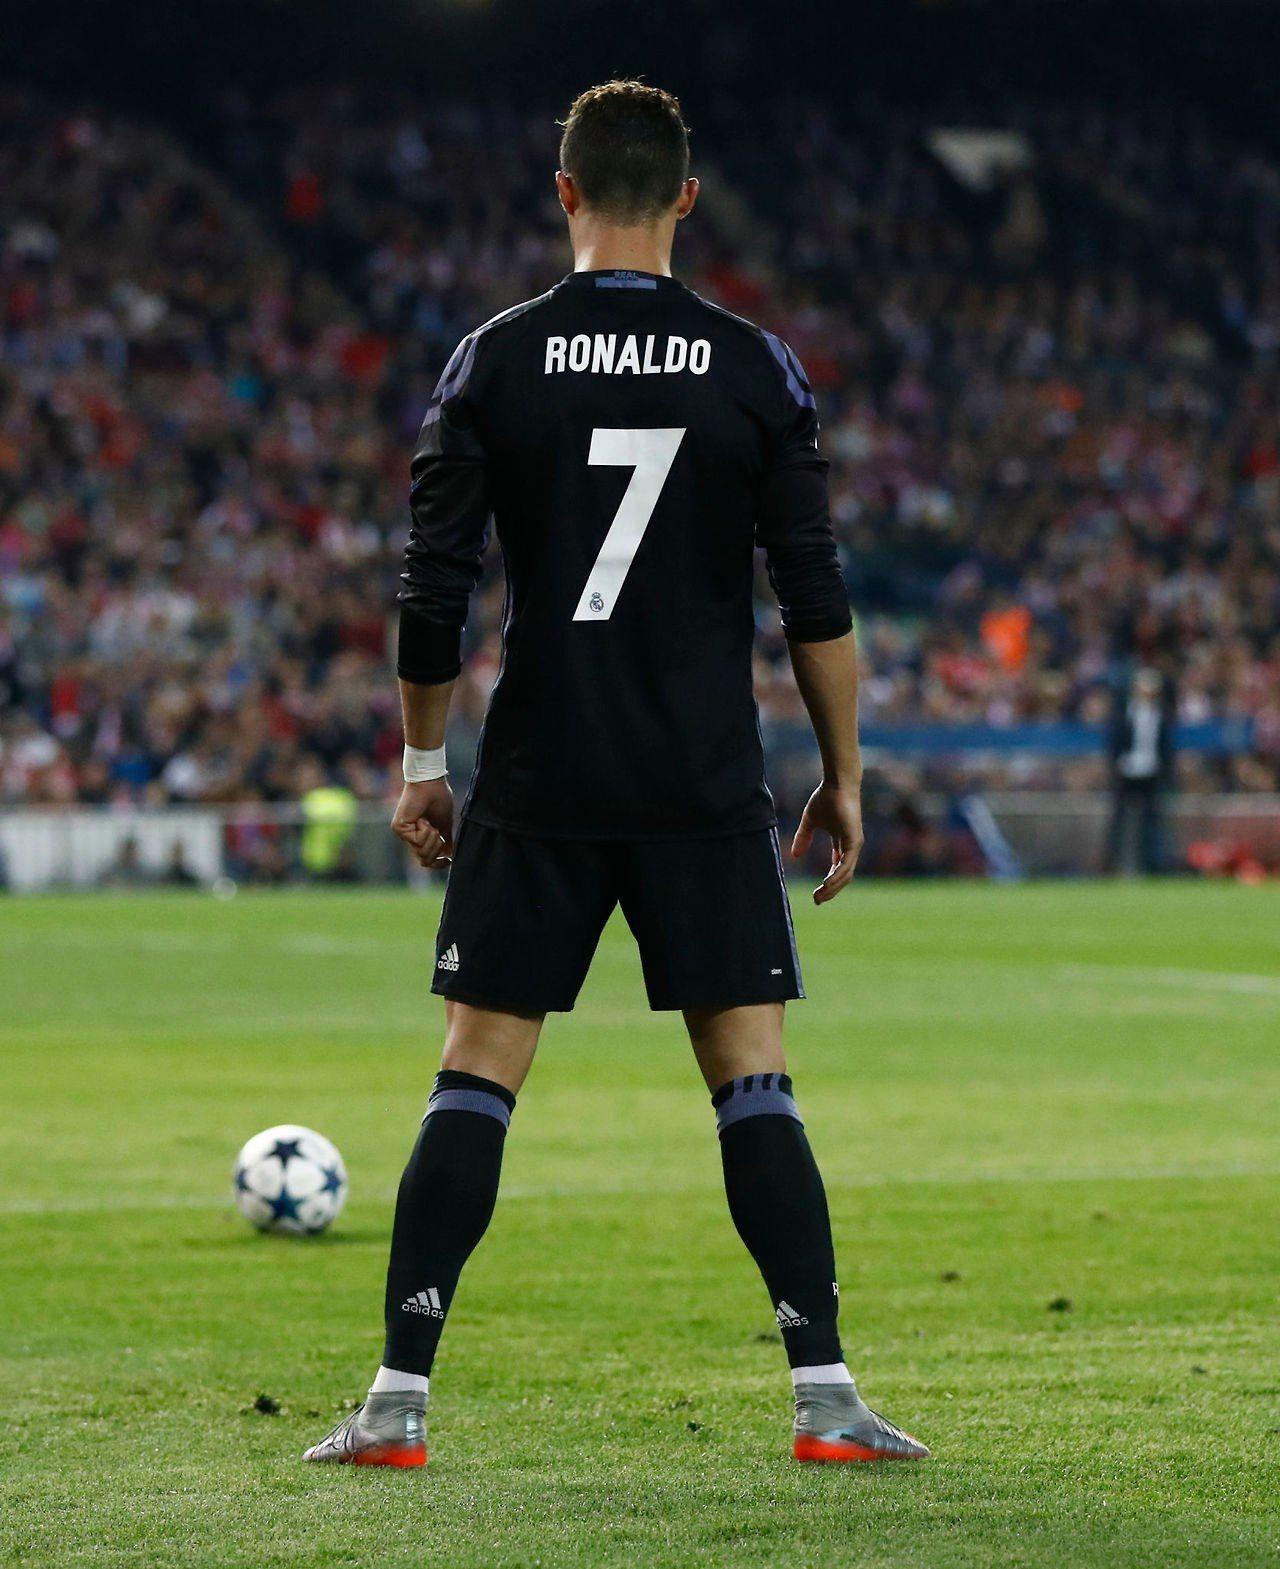 Новости | Криштиану роналду, Роналду и Футбольные картинки